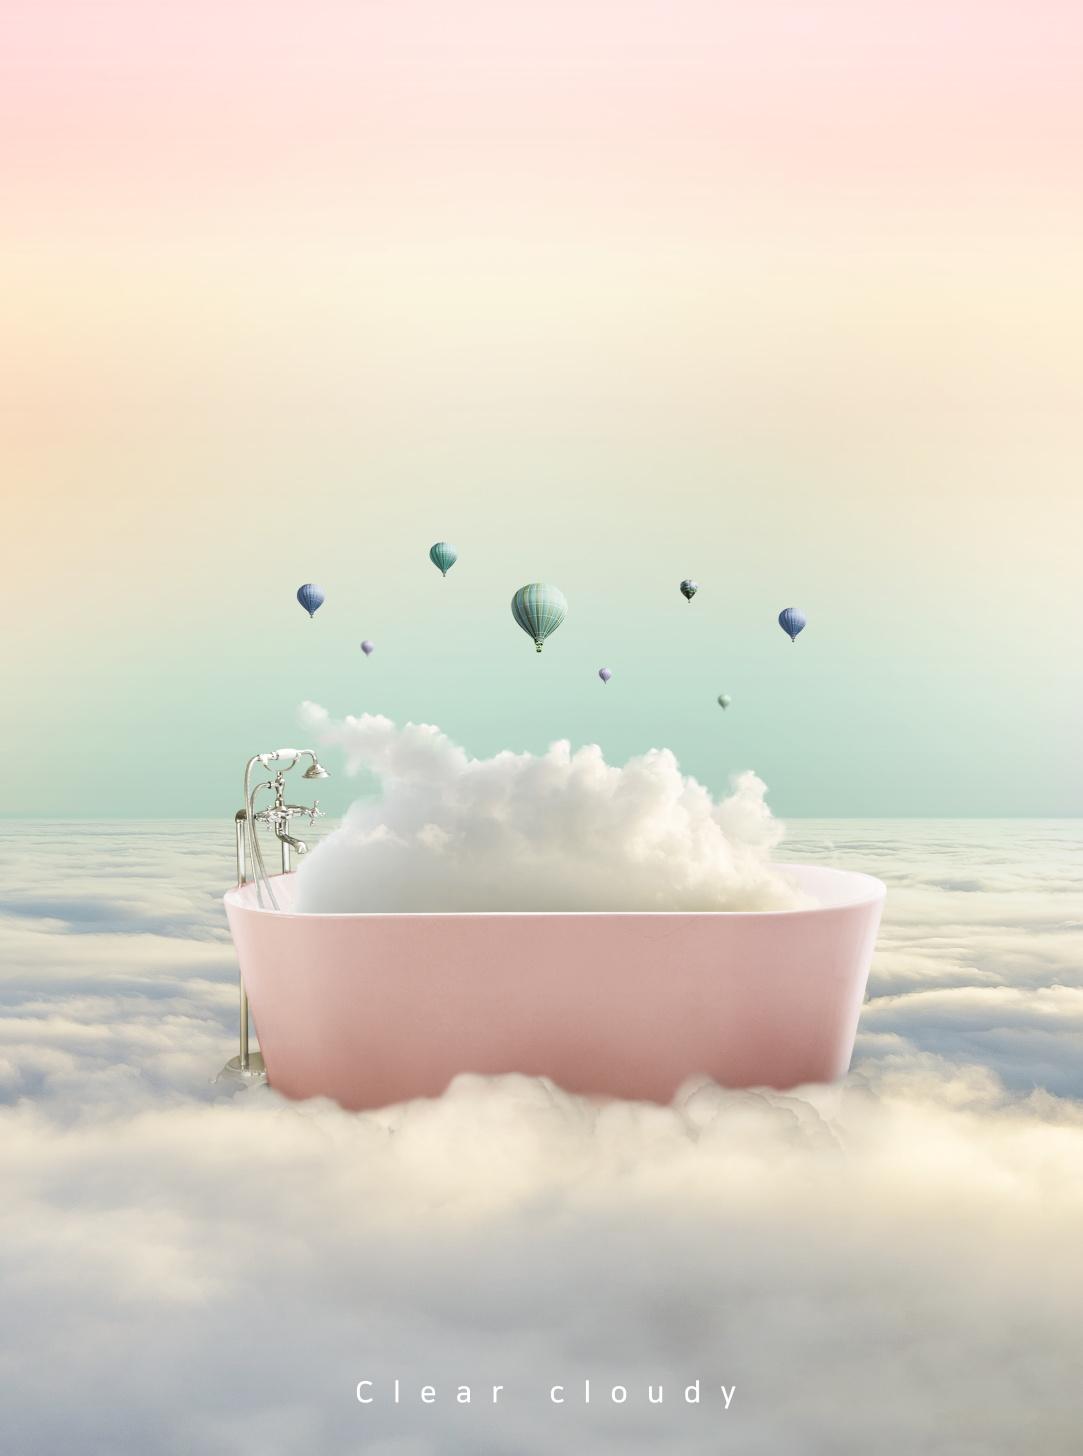 [单独购买] 14款创意梦幻唯美白云云朵企业主视觉KV展板海报设计PSD模版 Cloud Sale Poster Template插图7